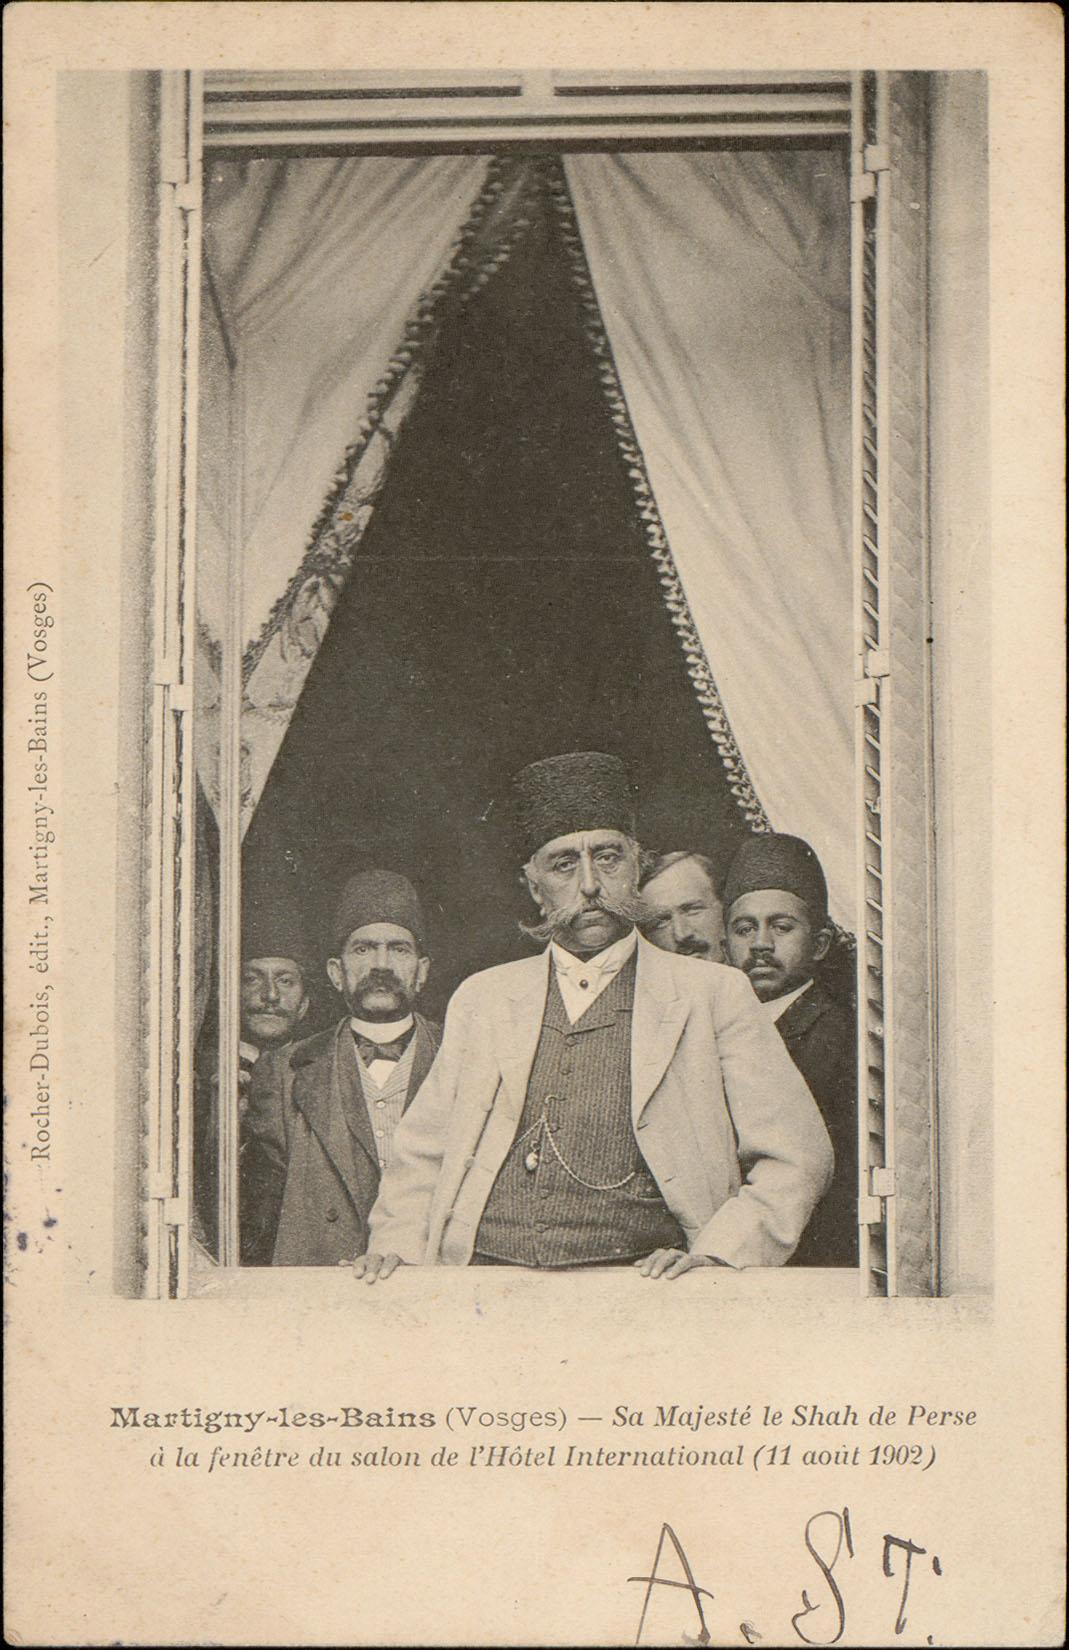 Contenu du Martigny-les-Bains (Vosges), Sa majesté le Shah de Perse à la fenêtre du salon de l'Hôtel International (11 août 1902)